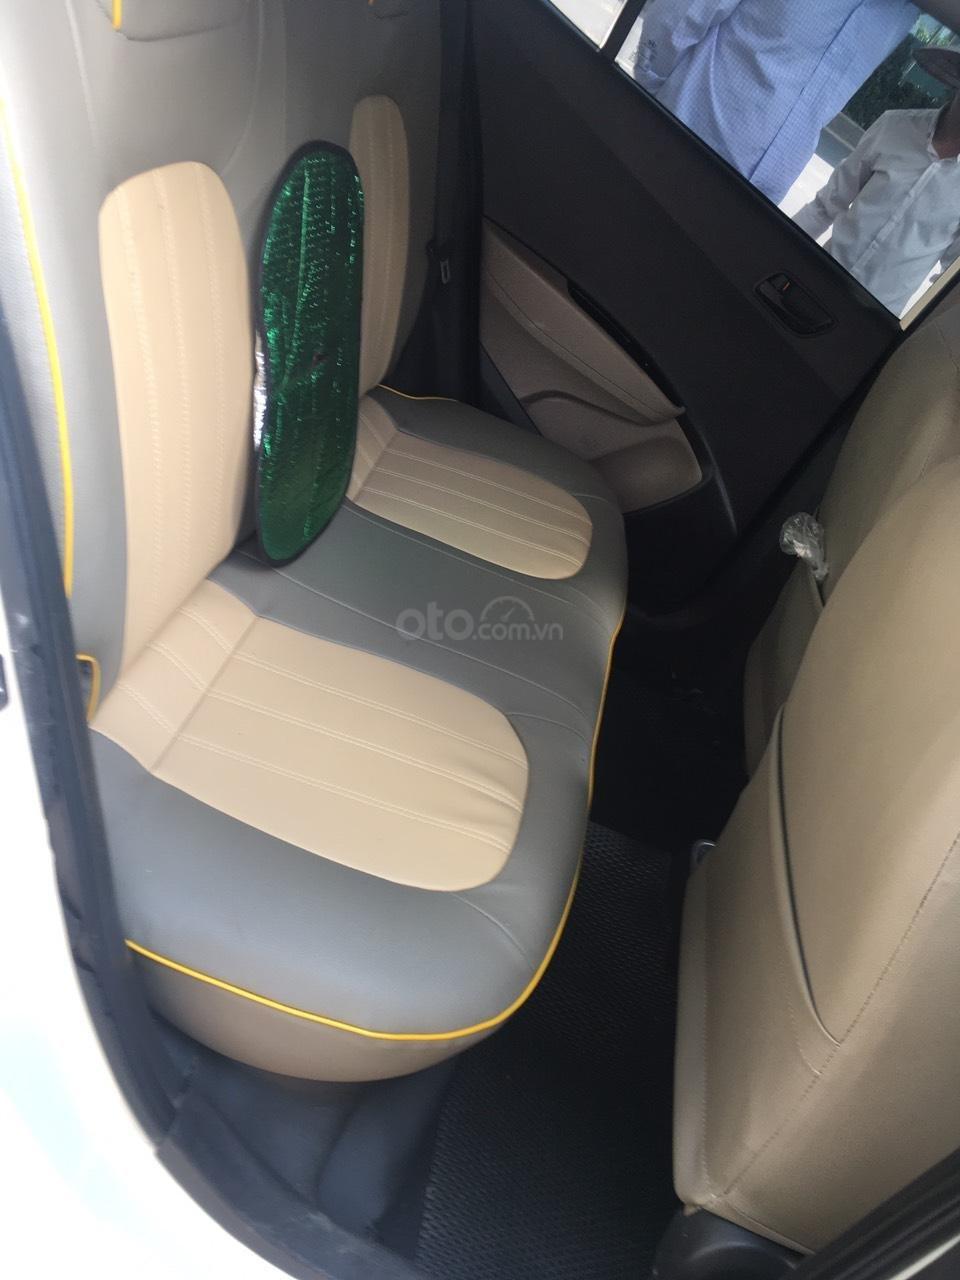 Cần bán xe Hyundai Grand i10 đời 2014, giá tốt (9)